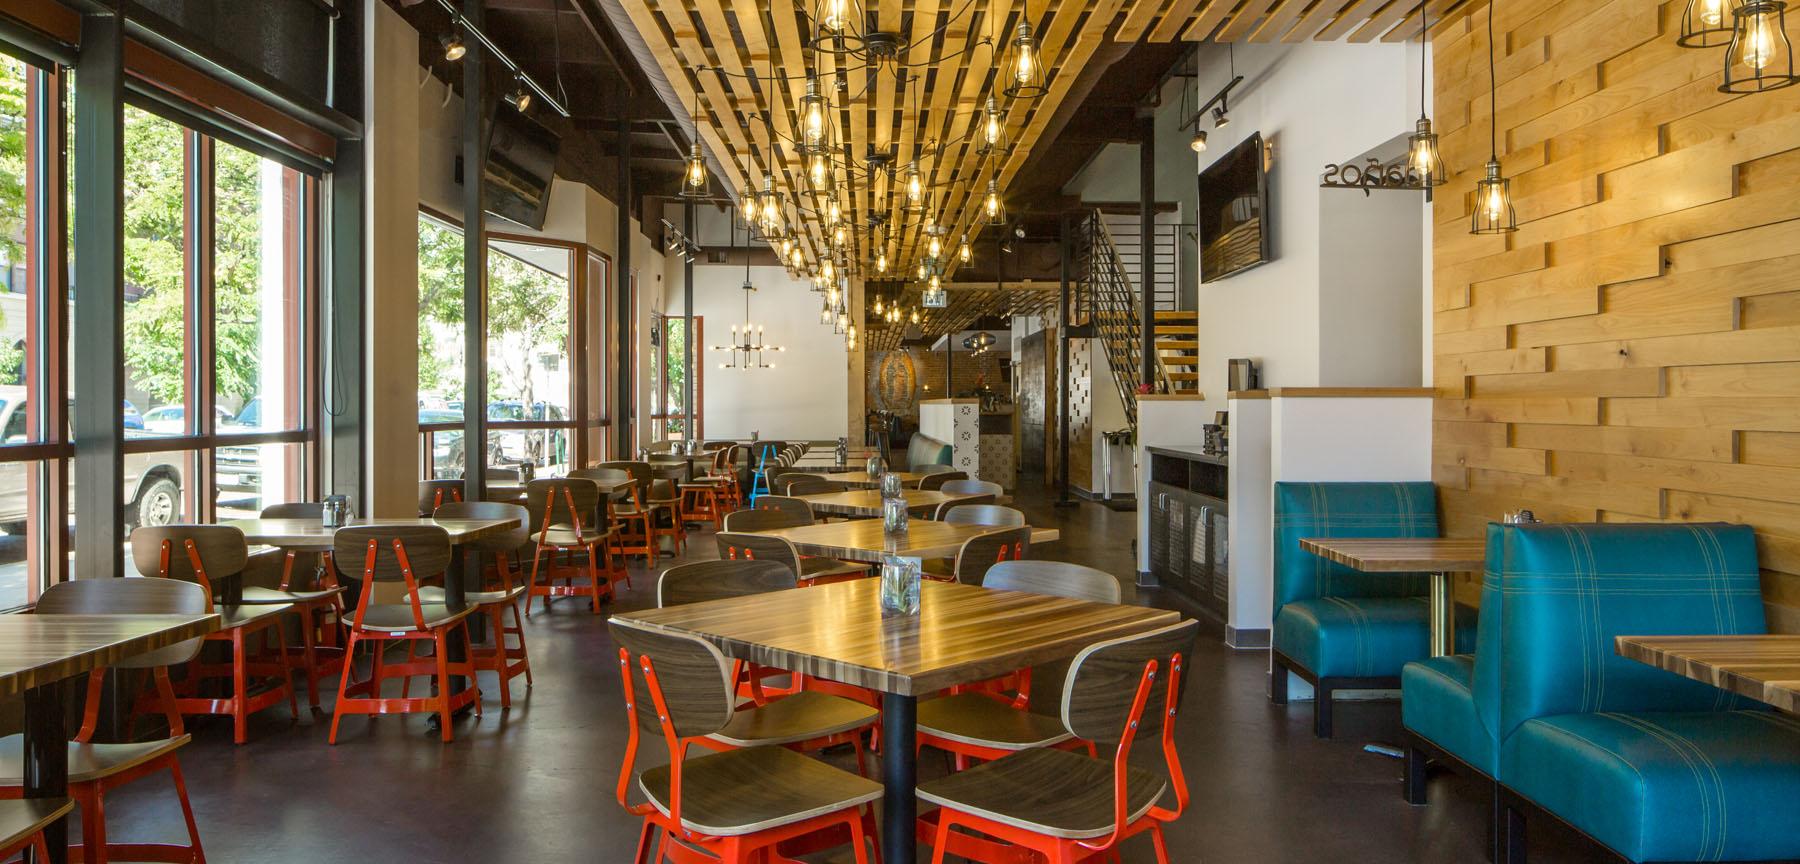 Las Delicias Restaurant Dining Area